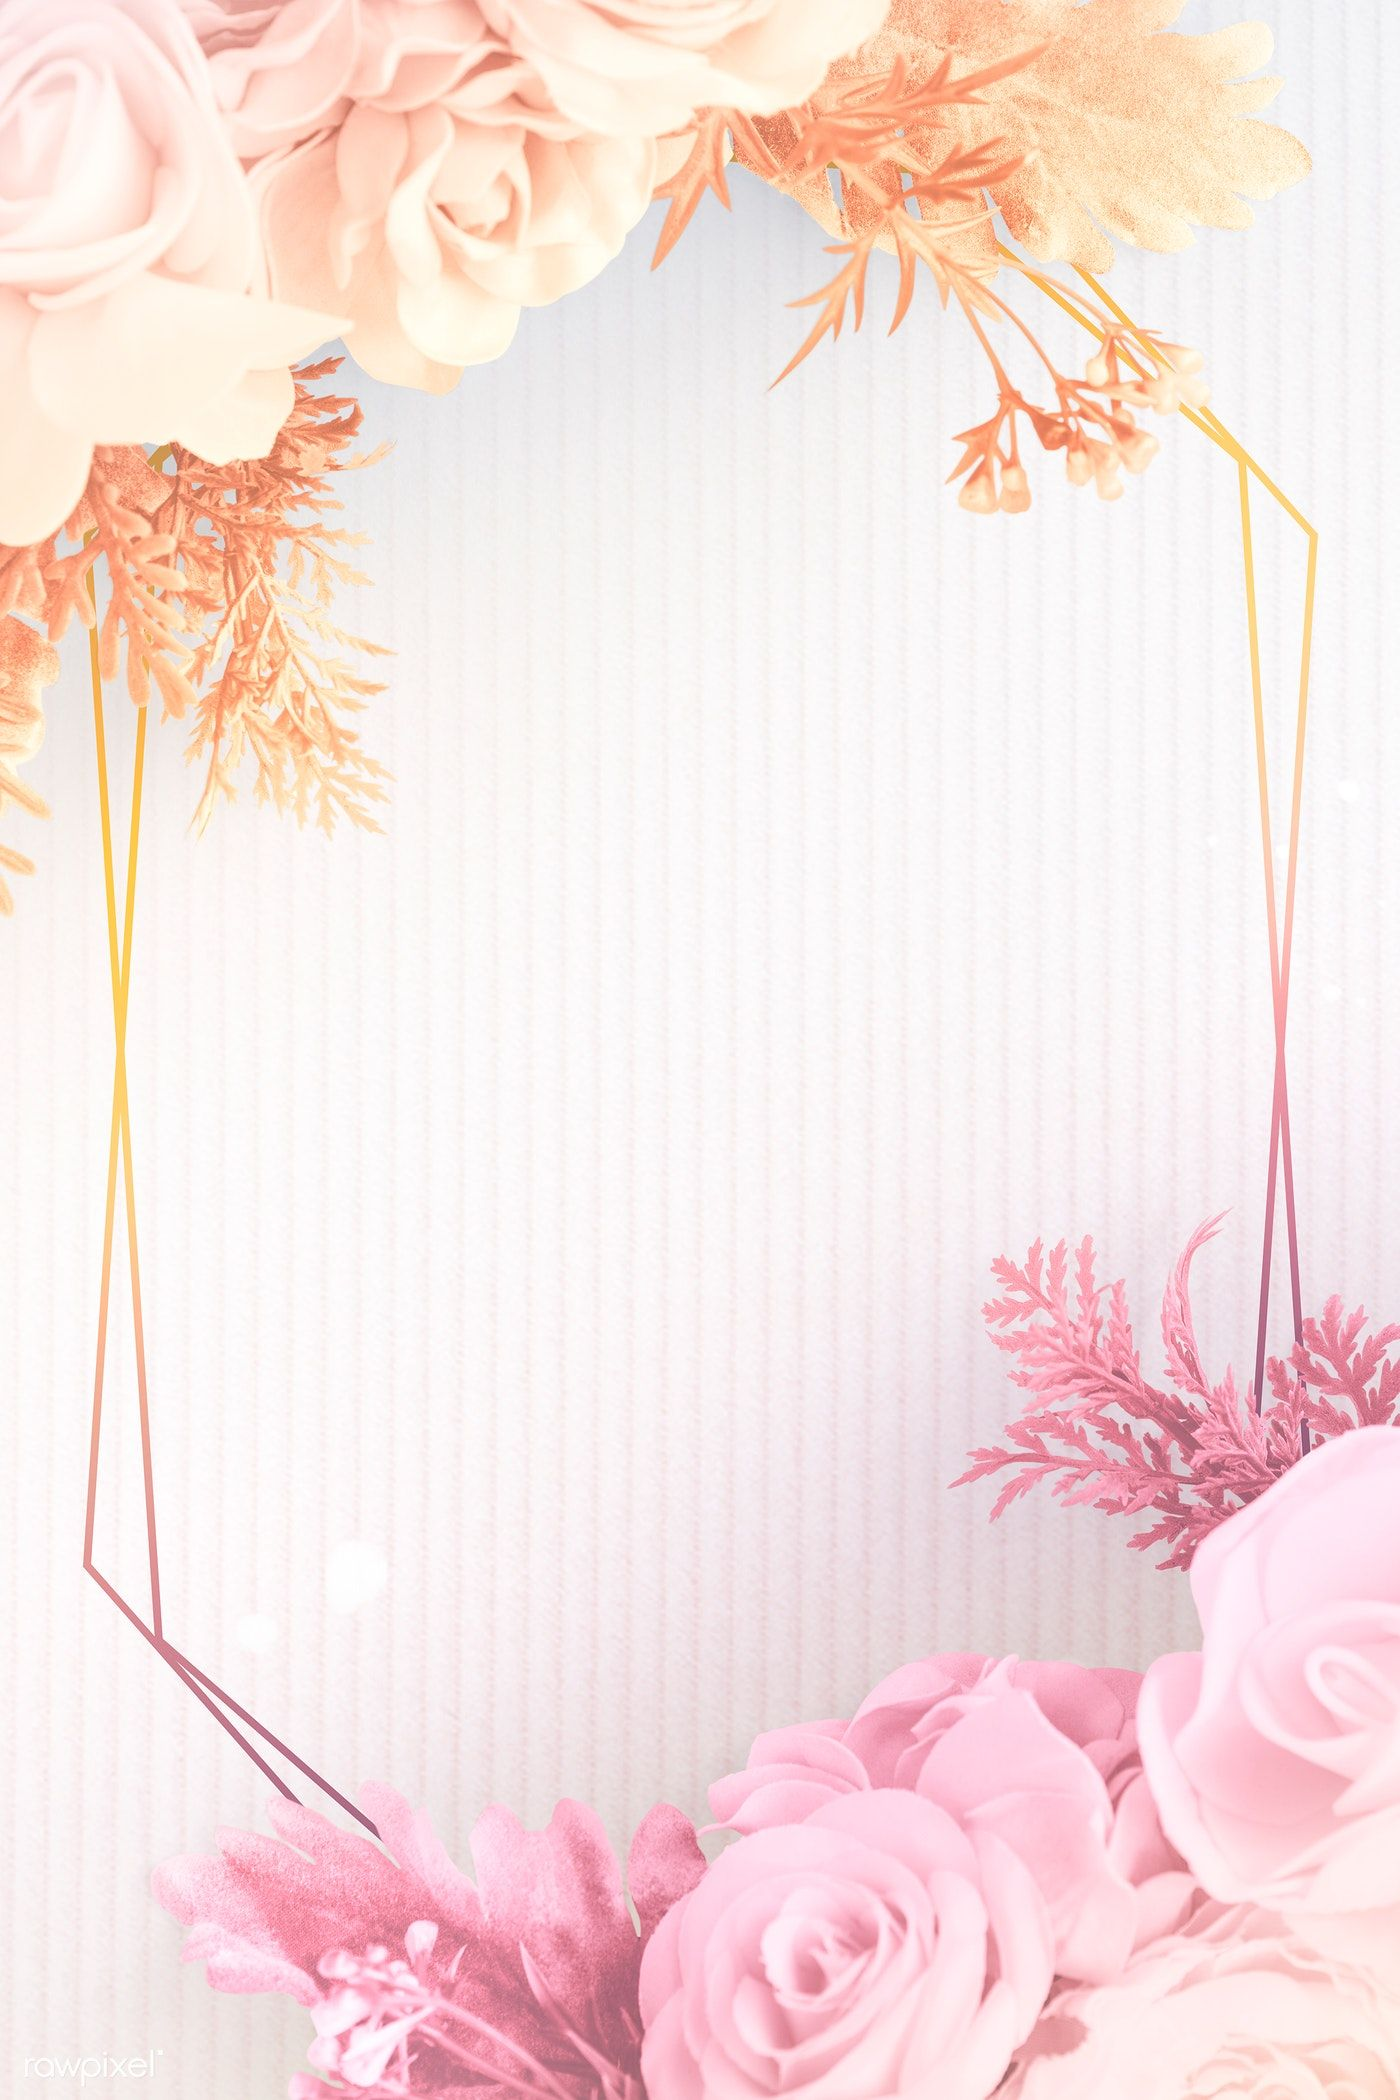 Download Premium Psd Of Blank Golden Floral Frame Design 1212865 In 2020 Floral Poster Flower Background Wallpaper Floral Wreaths Illustration